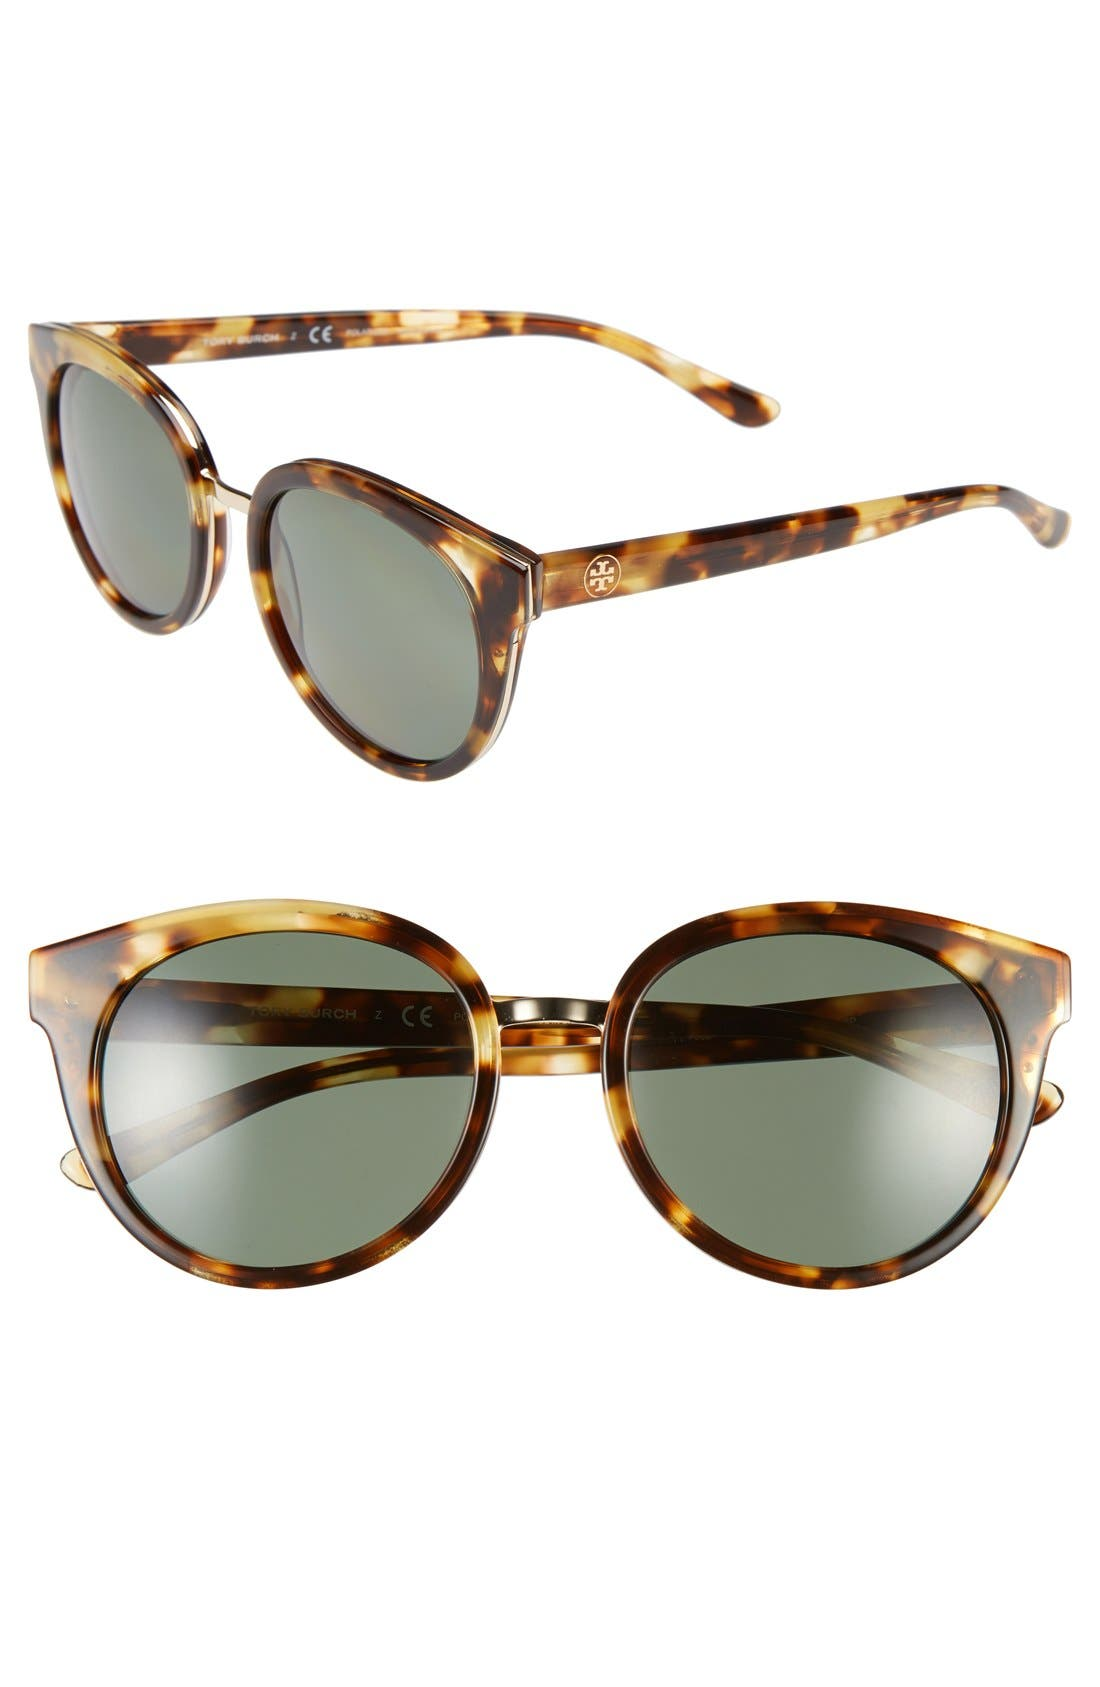 53mm Polarized Retro Sunglasses,                         Main,                         color, 200